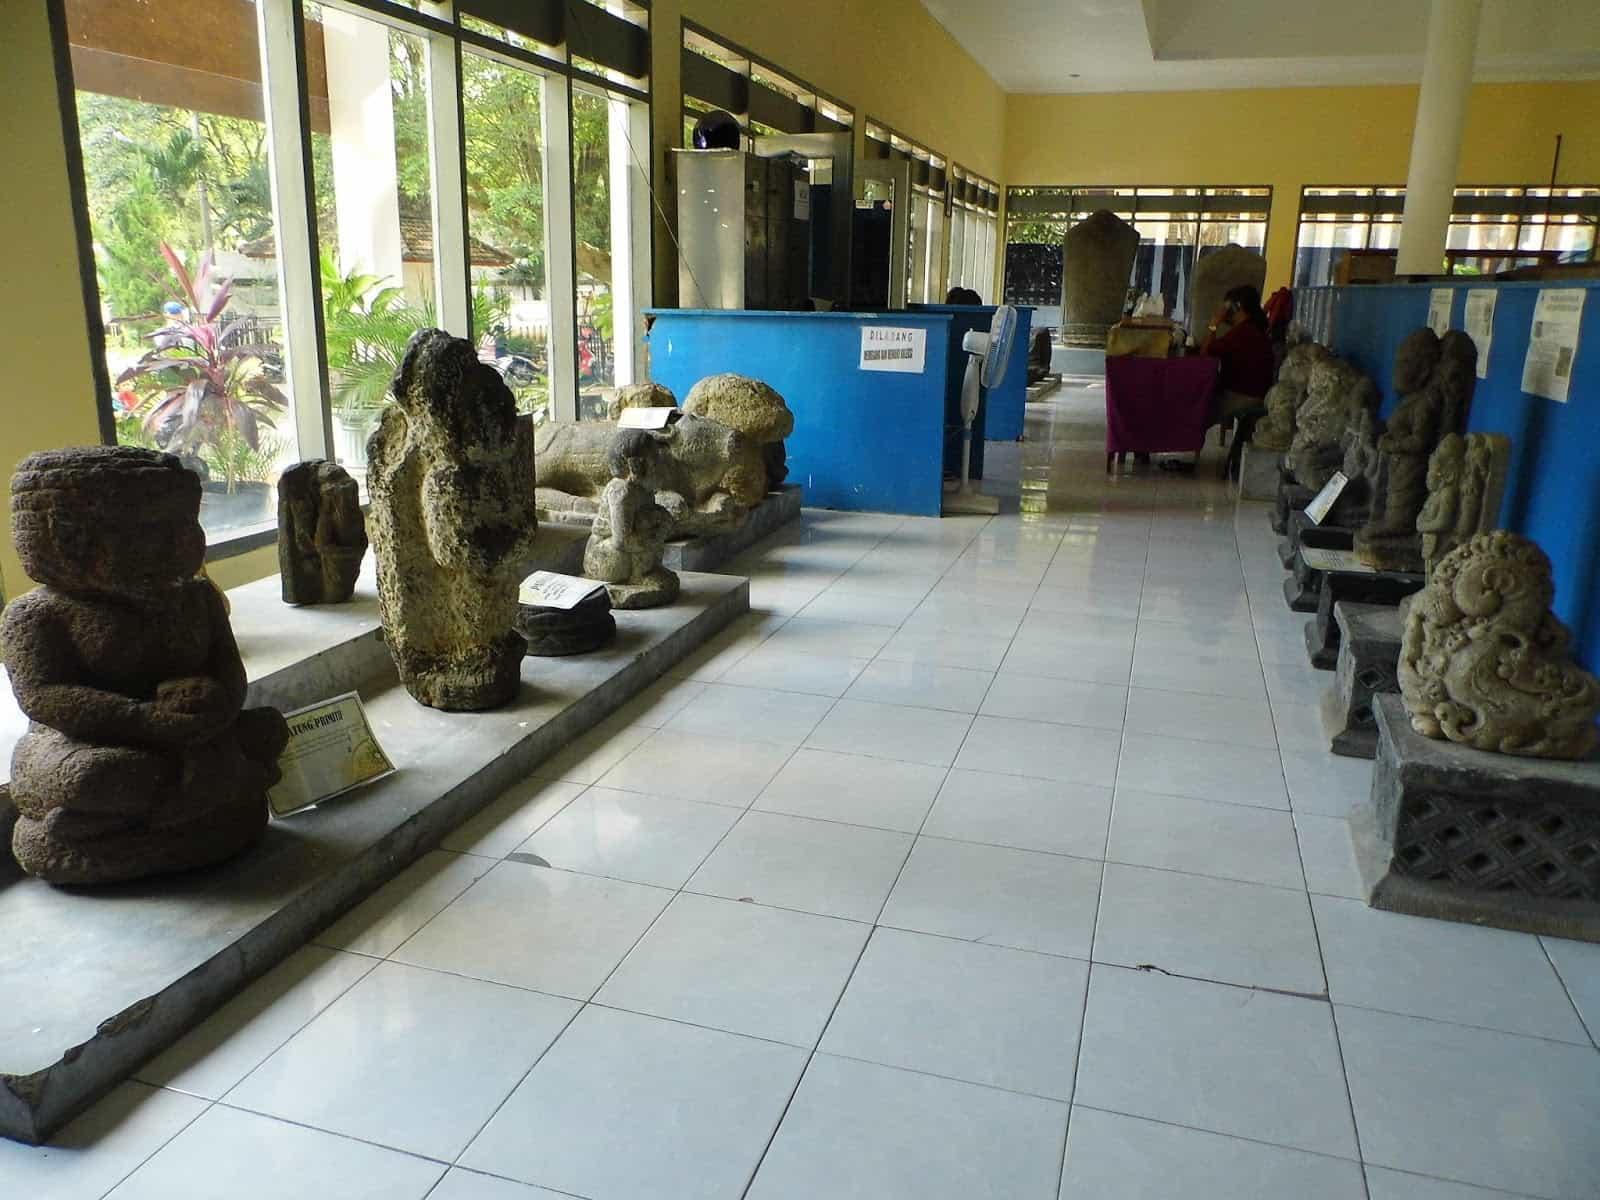 Berwisata Sejarah Museum Airlangga Kediri Ulinulin Koleksi Benda Bersejarah Musium